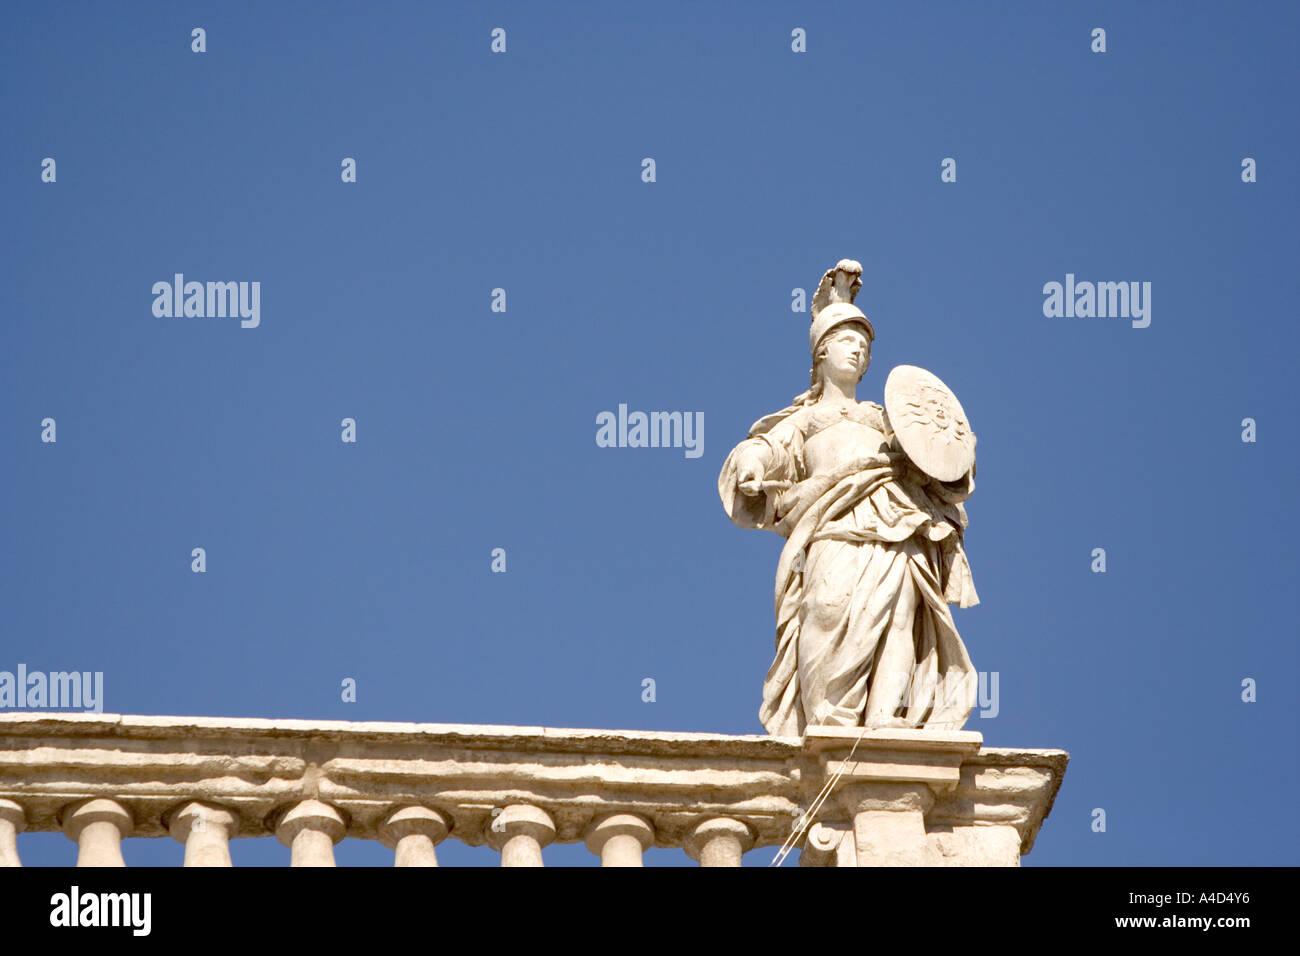 Statue of Minerva on Palazzo Maffei, Piazza delle Erbe, Verona, Italy - Stock Image